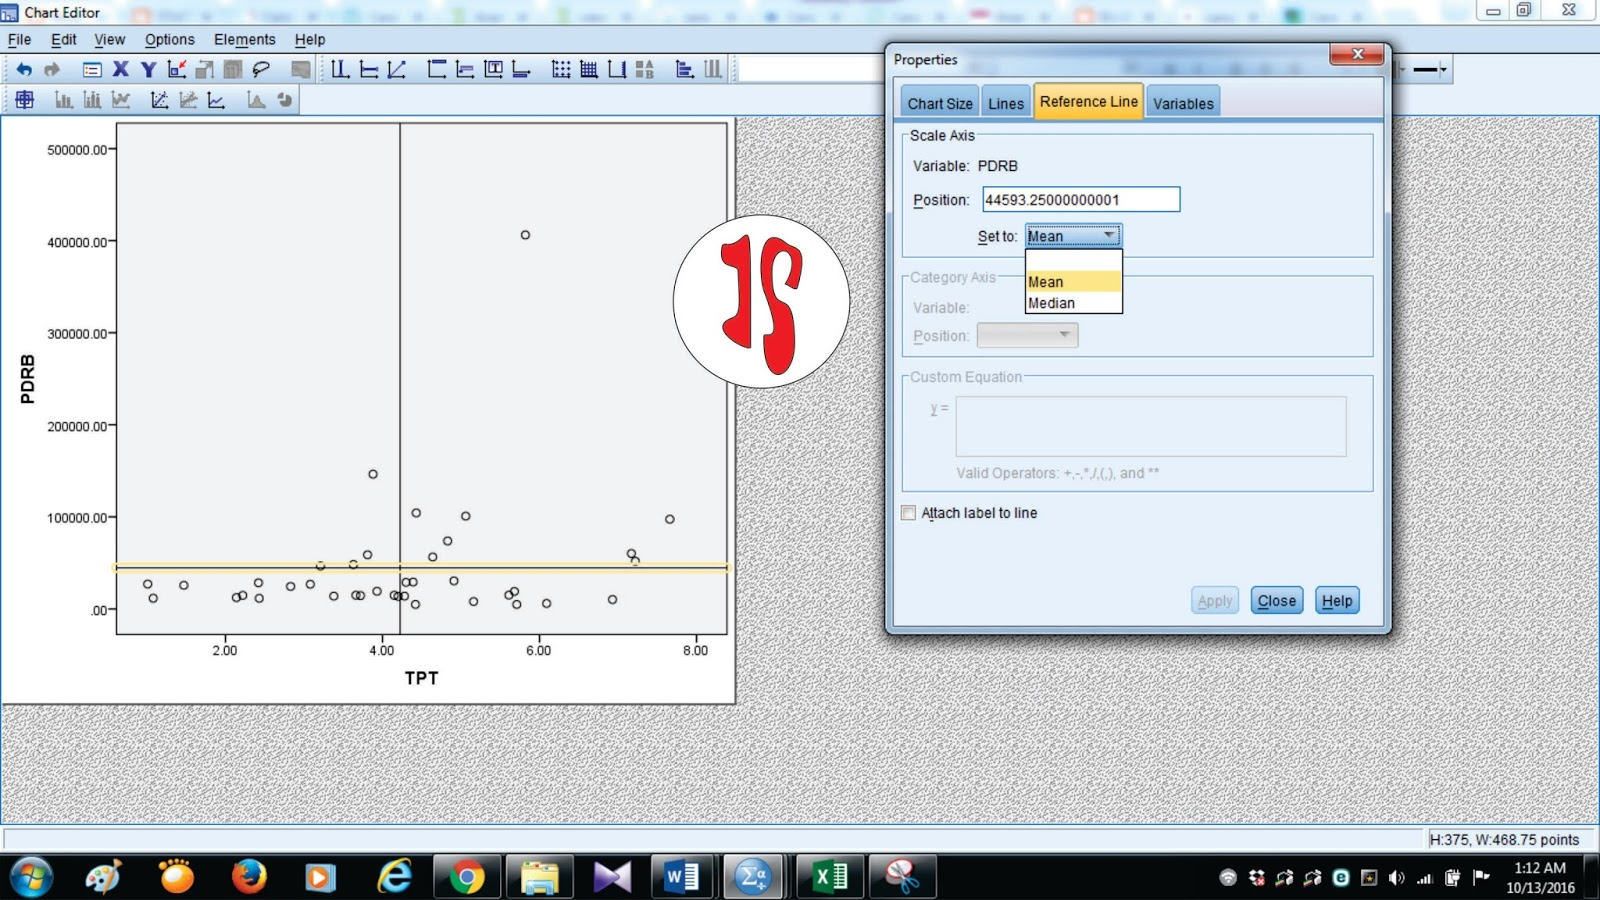 Iimportance performance analysis dengan spss jendela statistika proses cukup sampai disini sekarang tahap finishing yaitu dengan memberikan setiap titik label sehingga memudahkan ketika menganalisis ccuart Choice Image